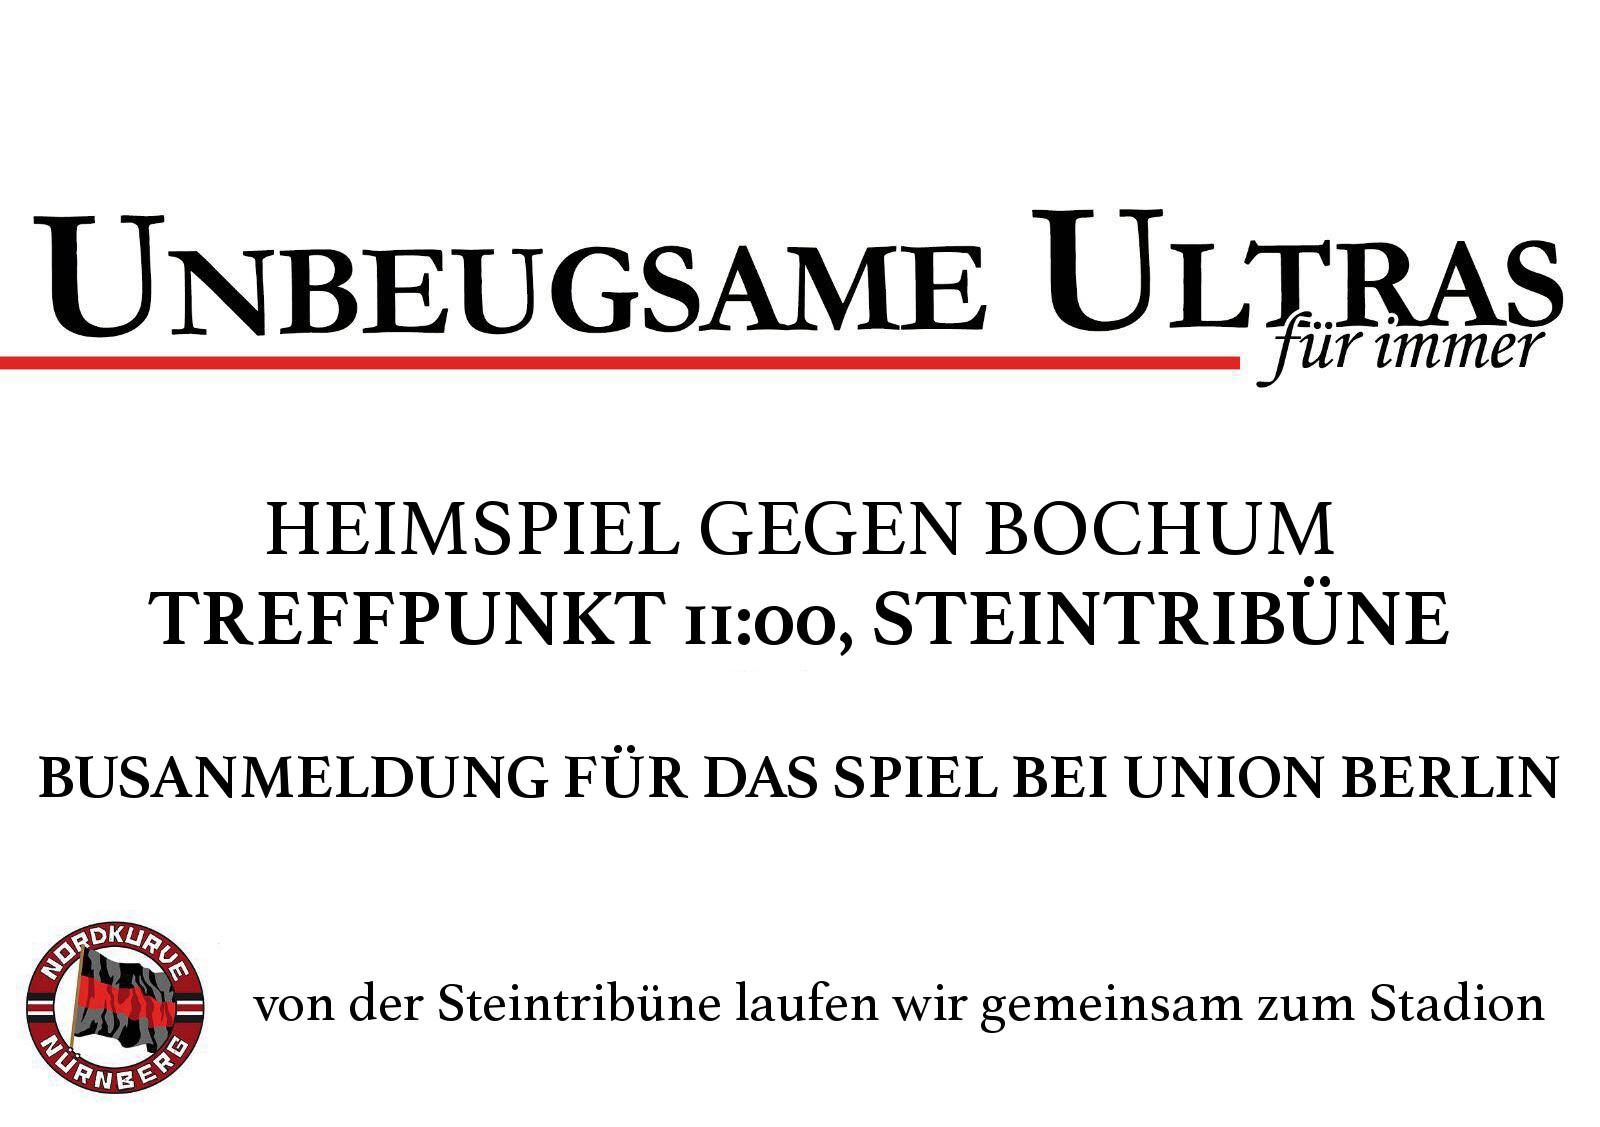 Treffpunkt Bochum